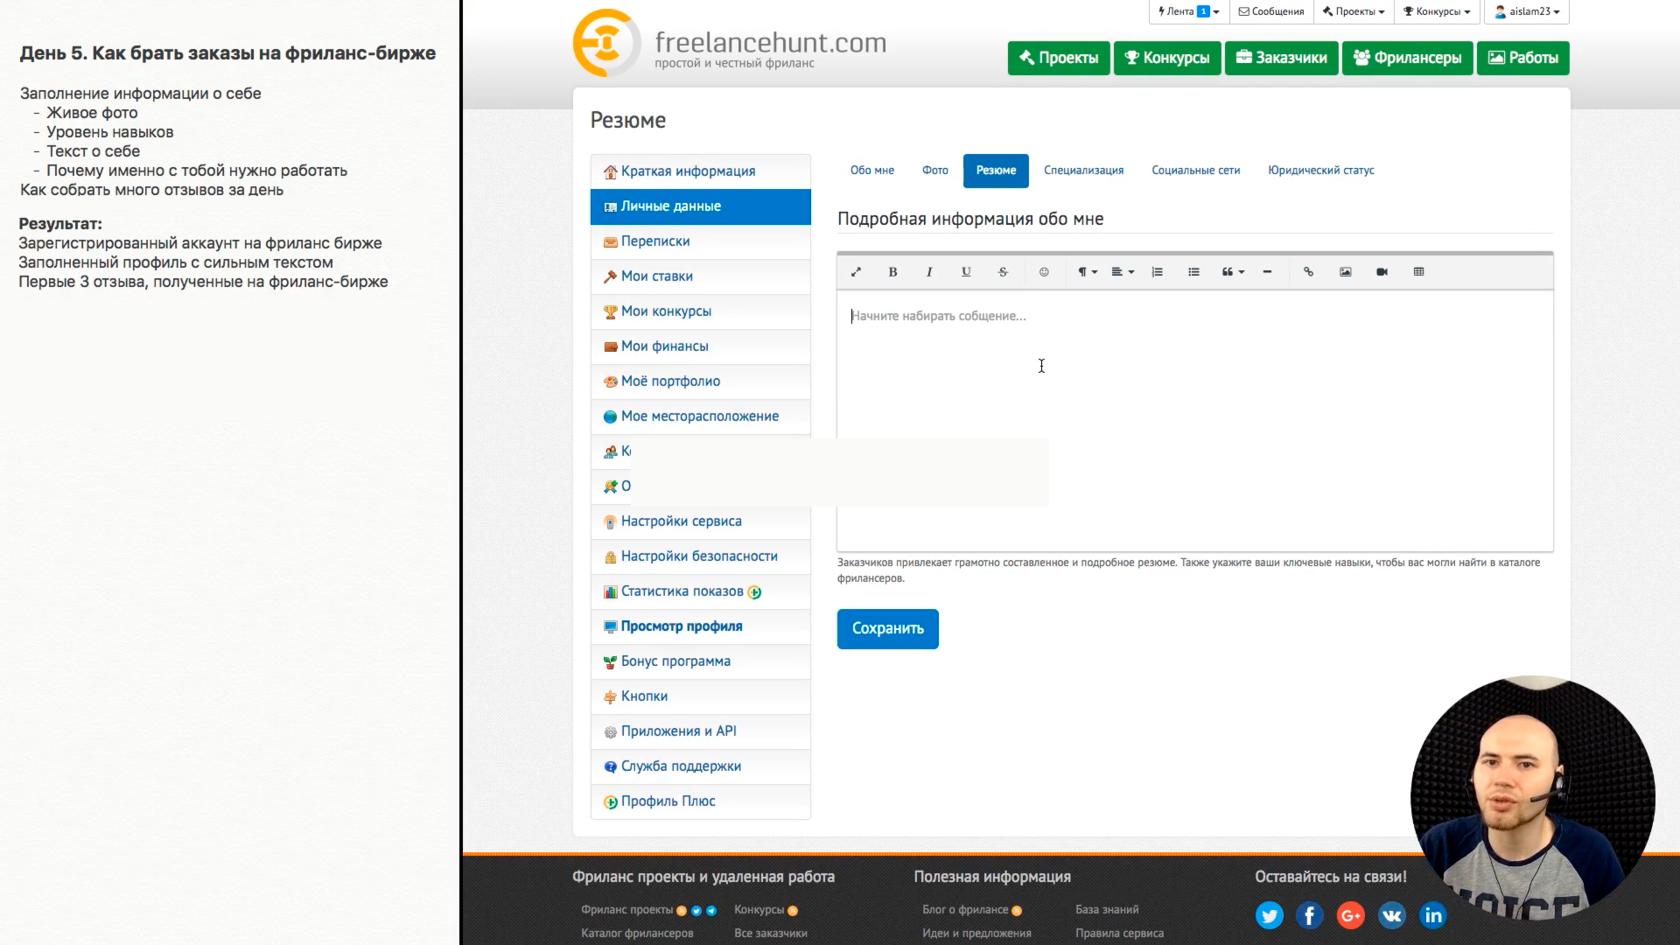 Как набрать рейтинг на фрилансе top freelance website